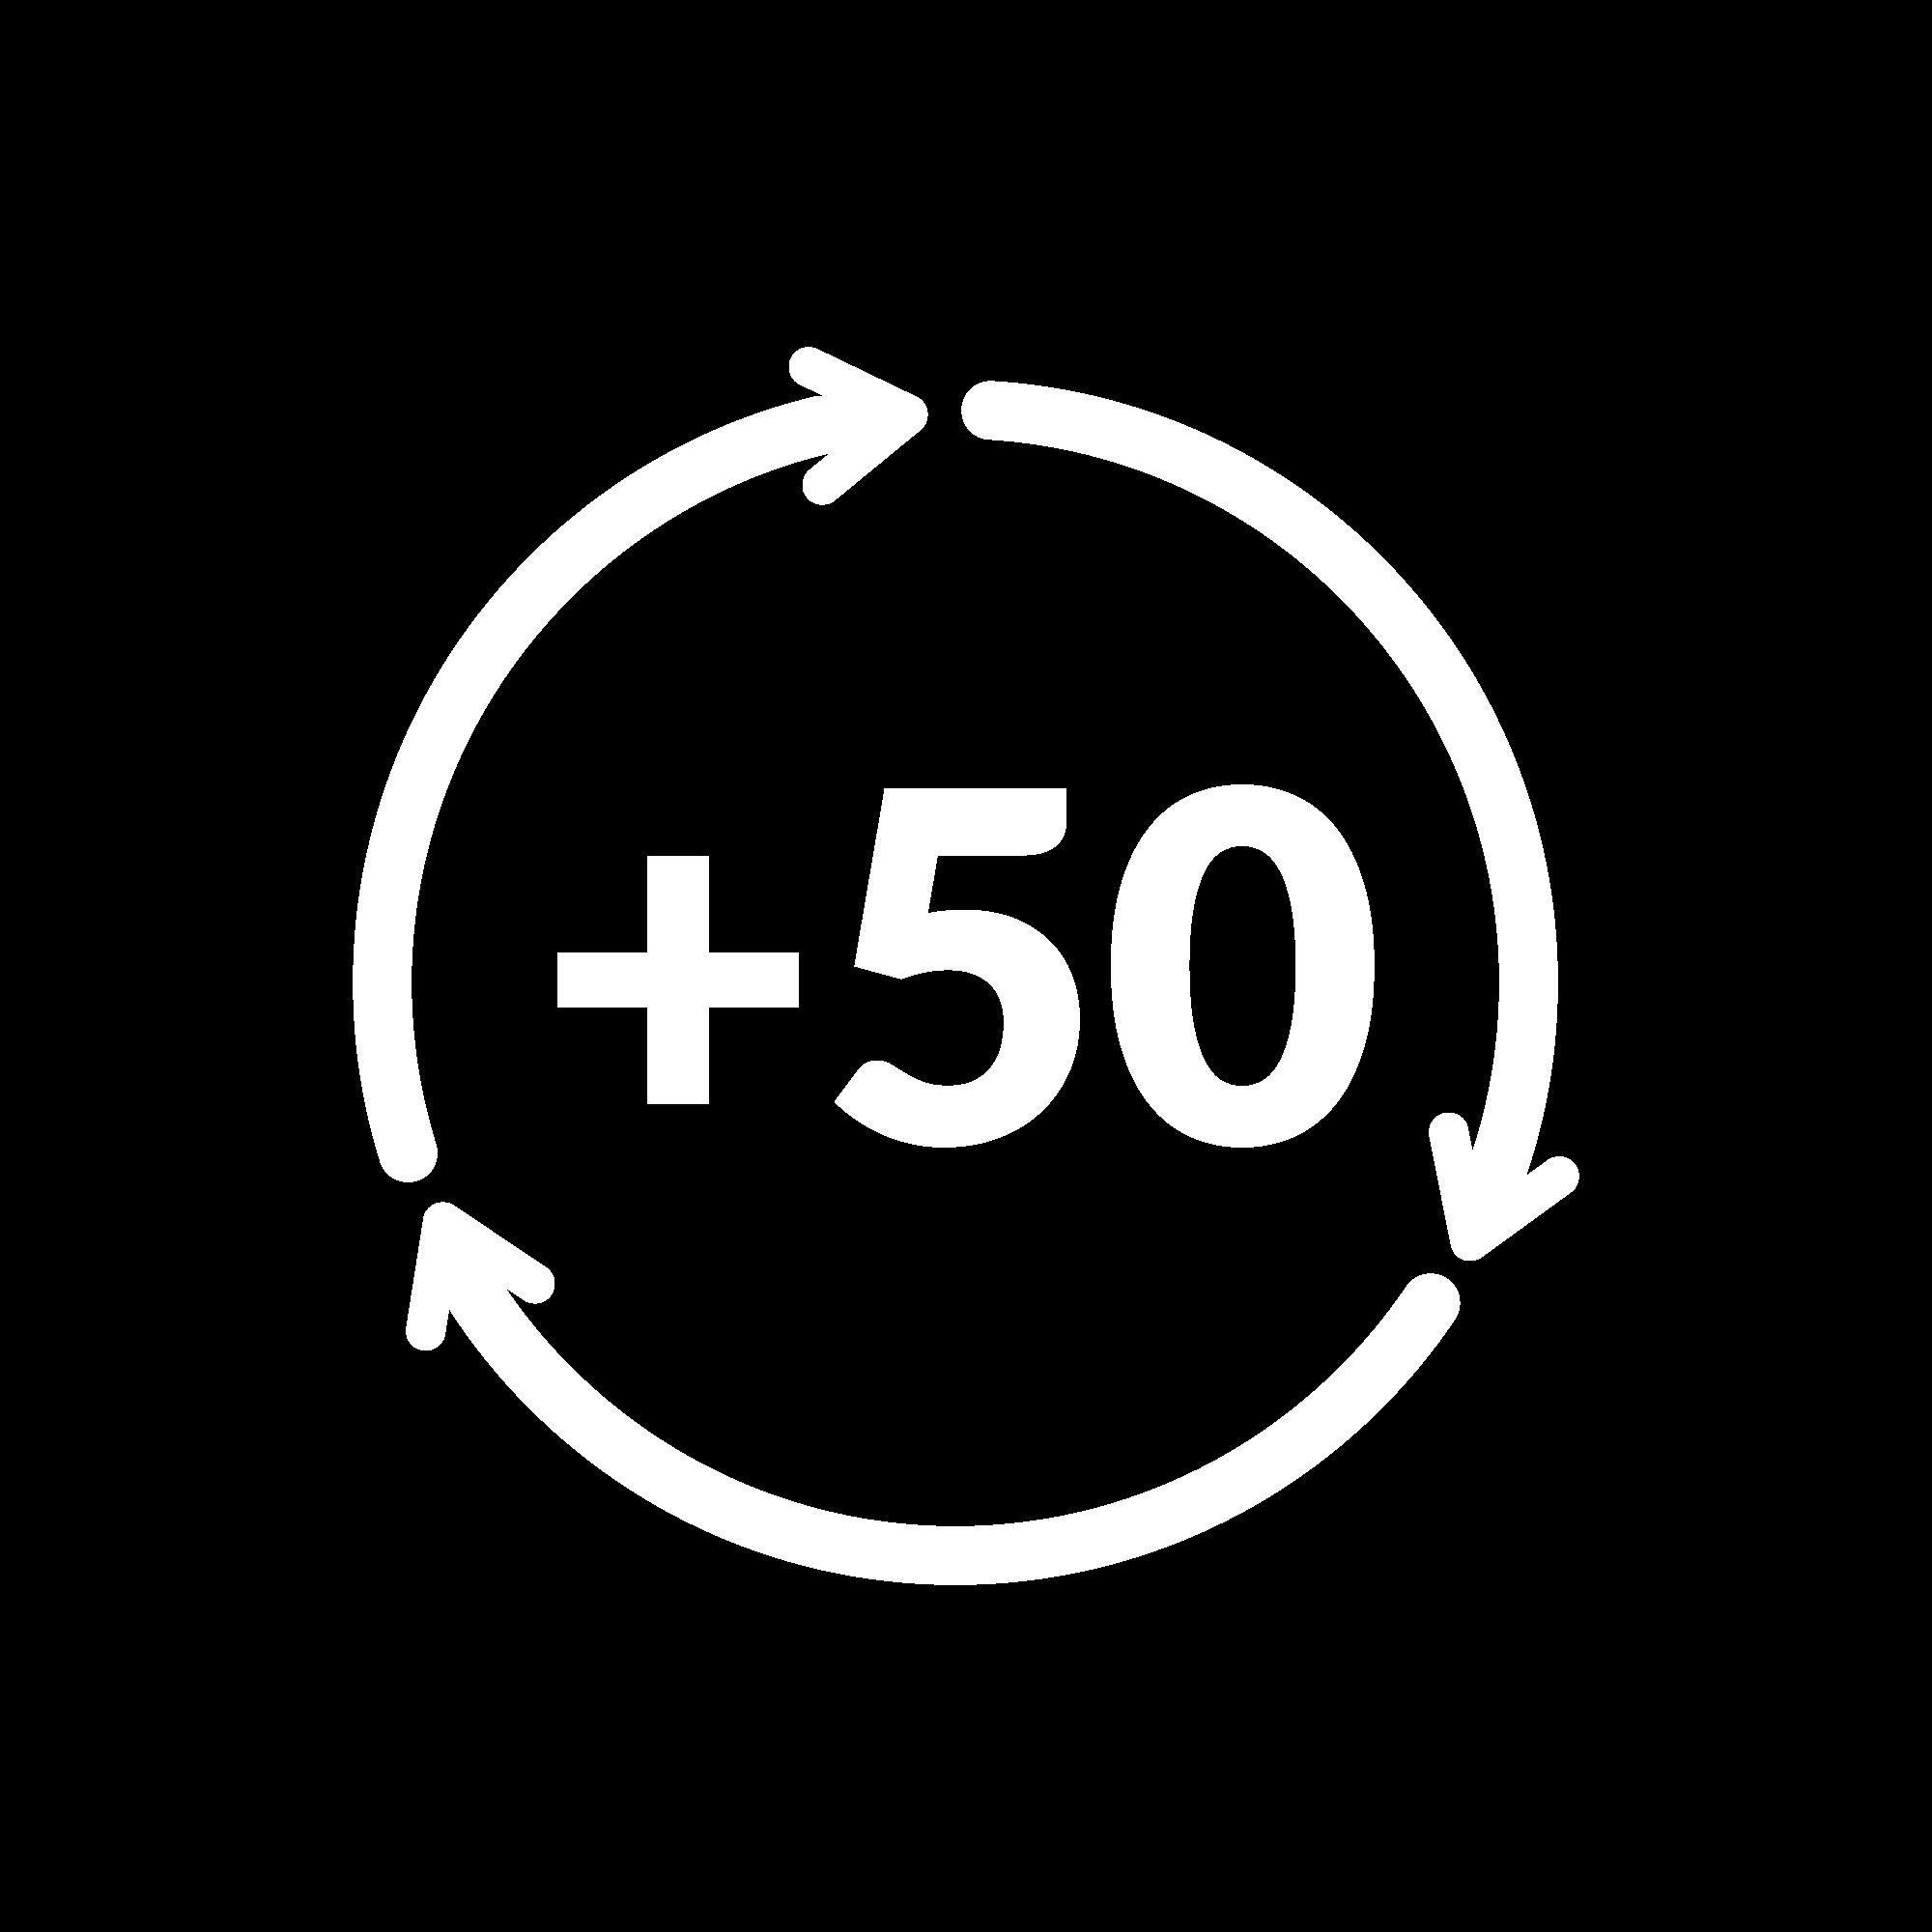 Icona-+50